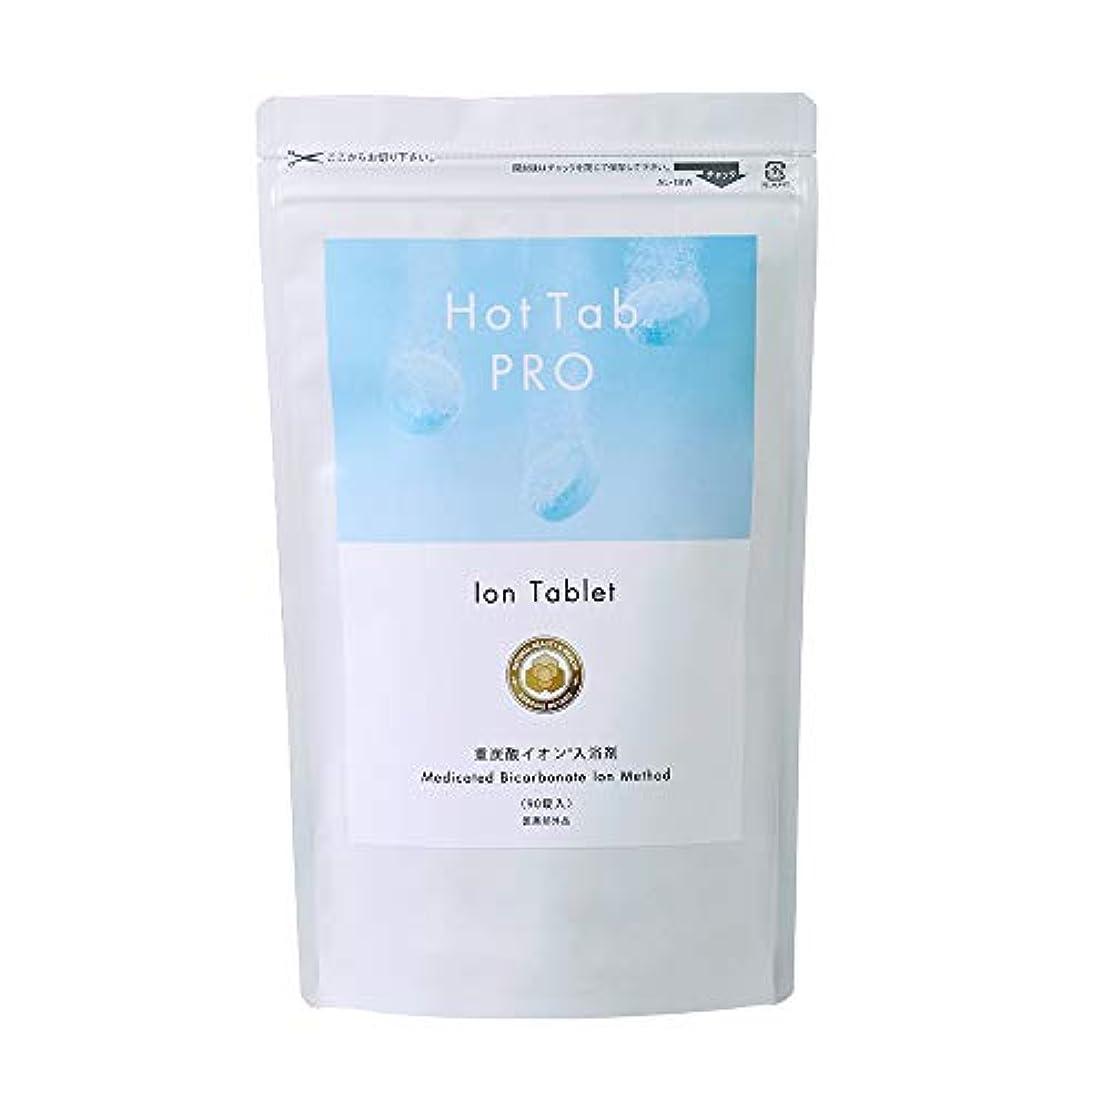 ビンギャラントリー現金最新型 日本製なめらか重炭酸入浴剤「ホットタブPro」(デリケートな肌でも安心 無香料 無着色 中性pH) (お得な90錠セット)